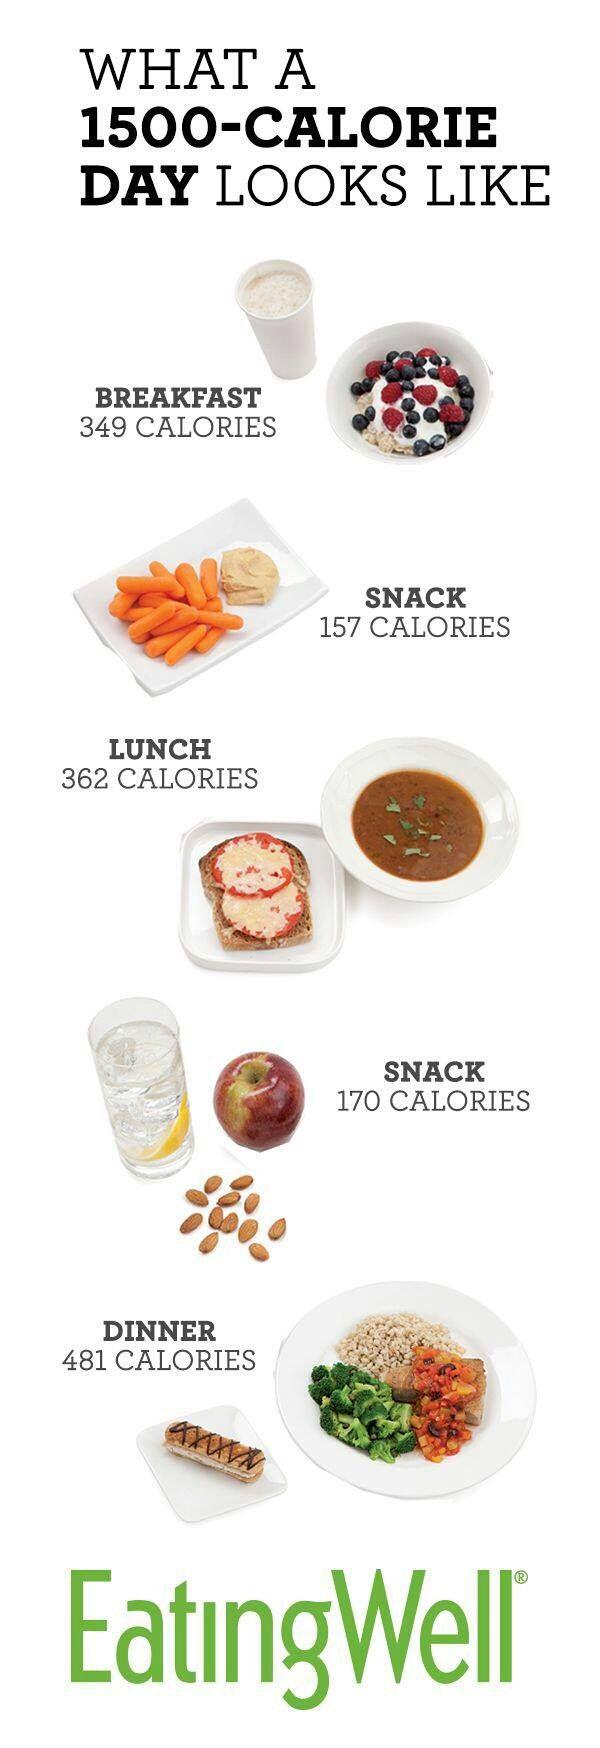 Így kellene kinéznie egy egészséges étrendnek